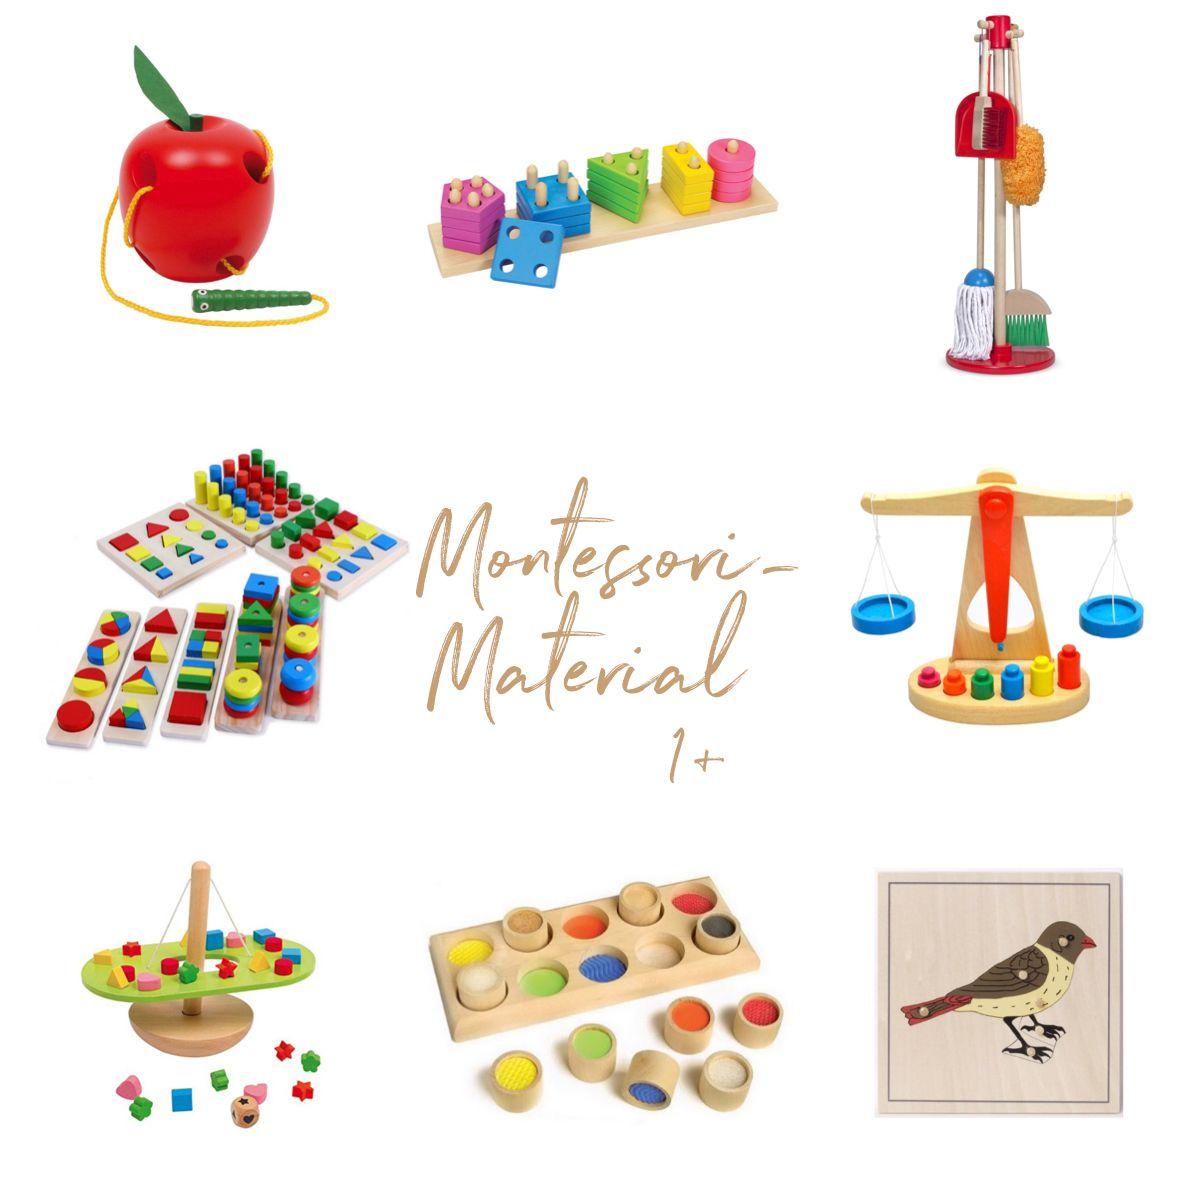 Geschenkideen Nach Maria Montessori 20 Sinnvolle Geschenke Fur Kinder Geschenke Fur Kinder Geschenkideen Kinder Spielzeug 1 Jahr